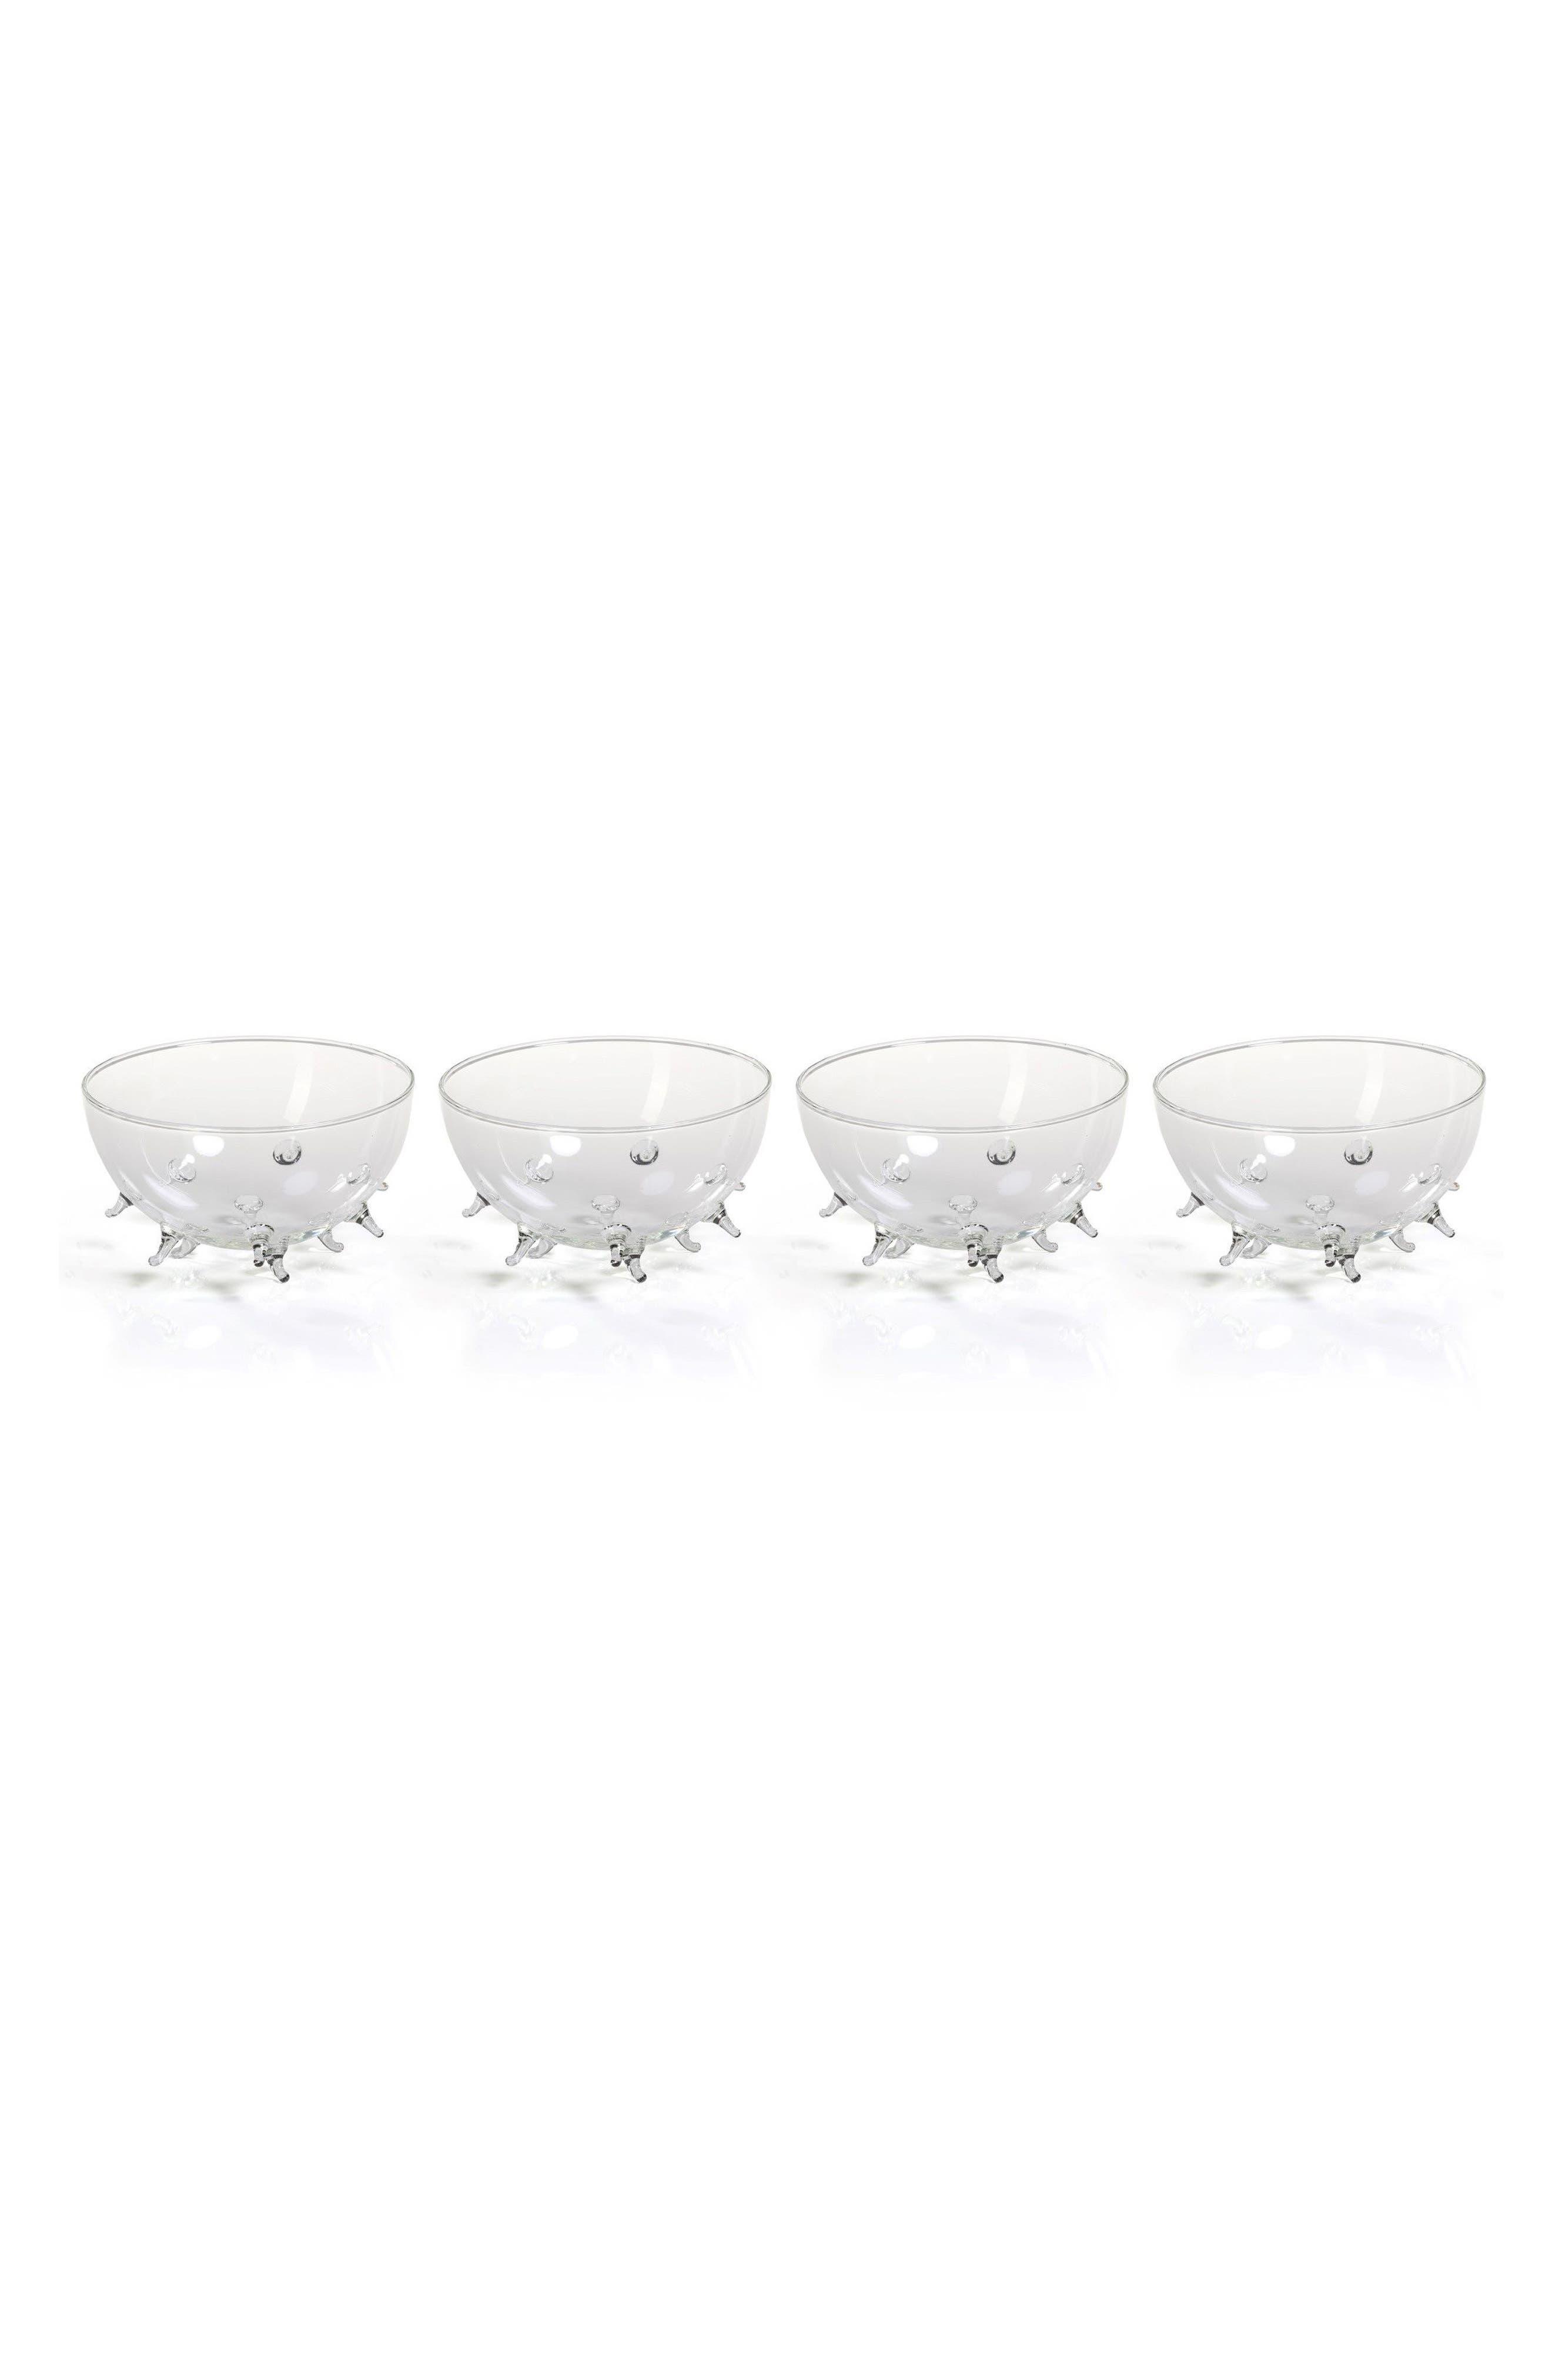 Suri Set of 4 Bowls,                         Main,                         color, Clear